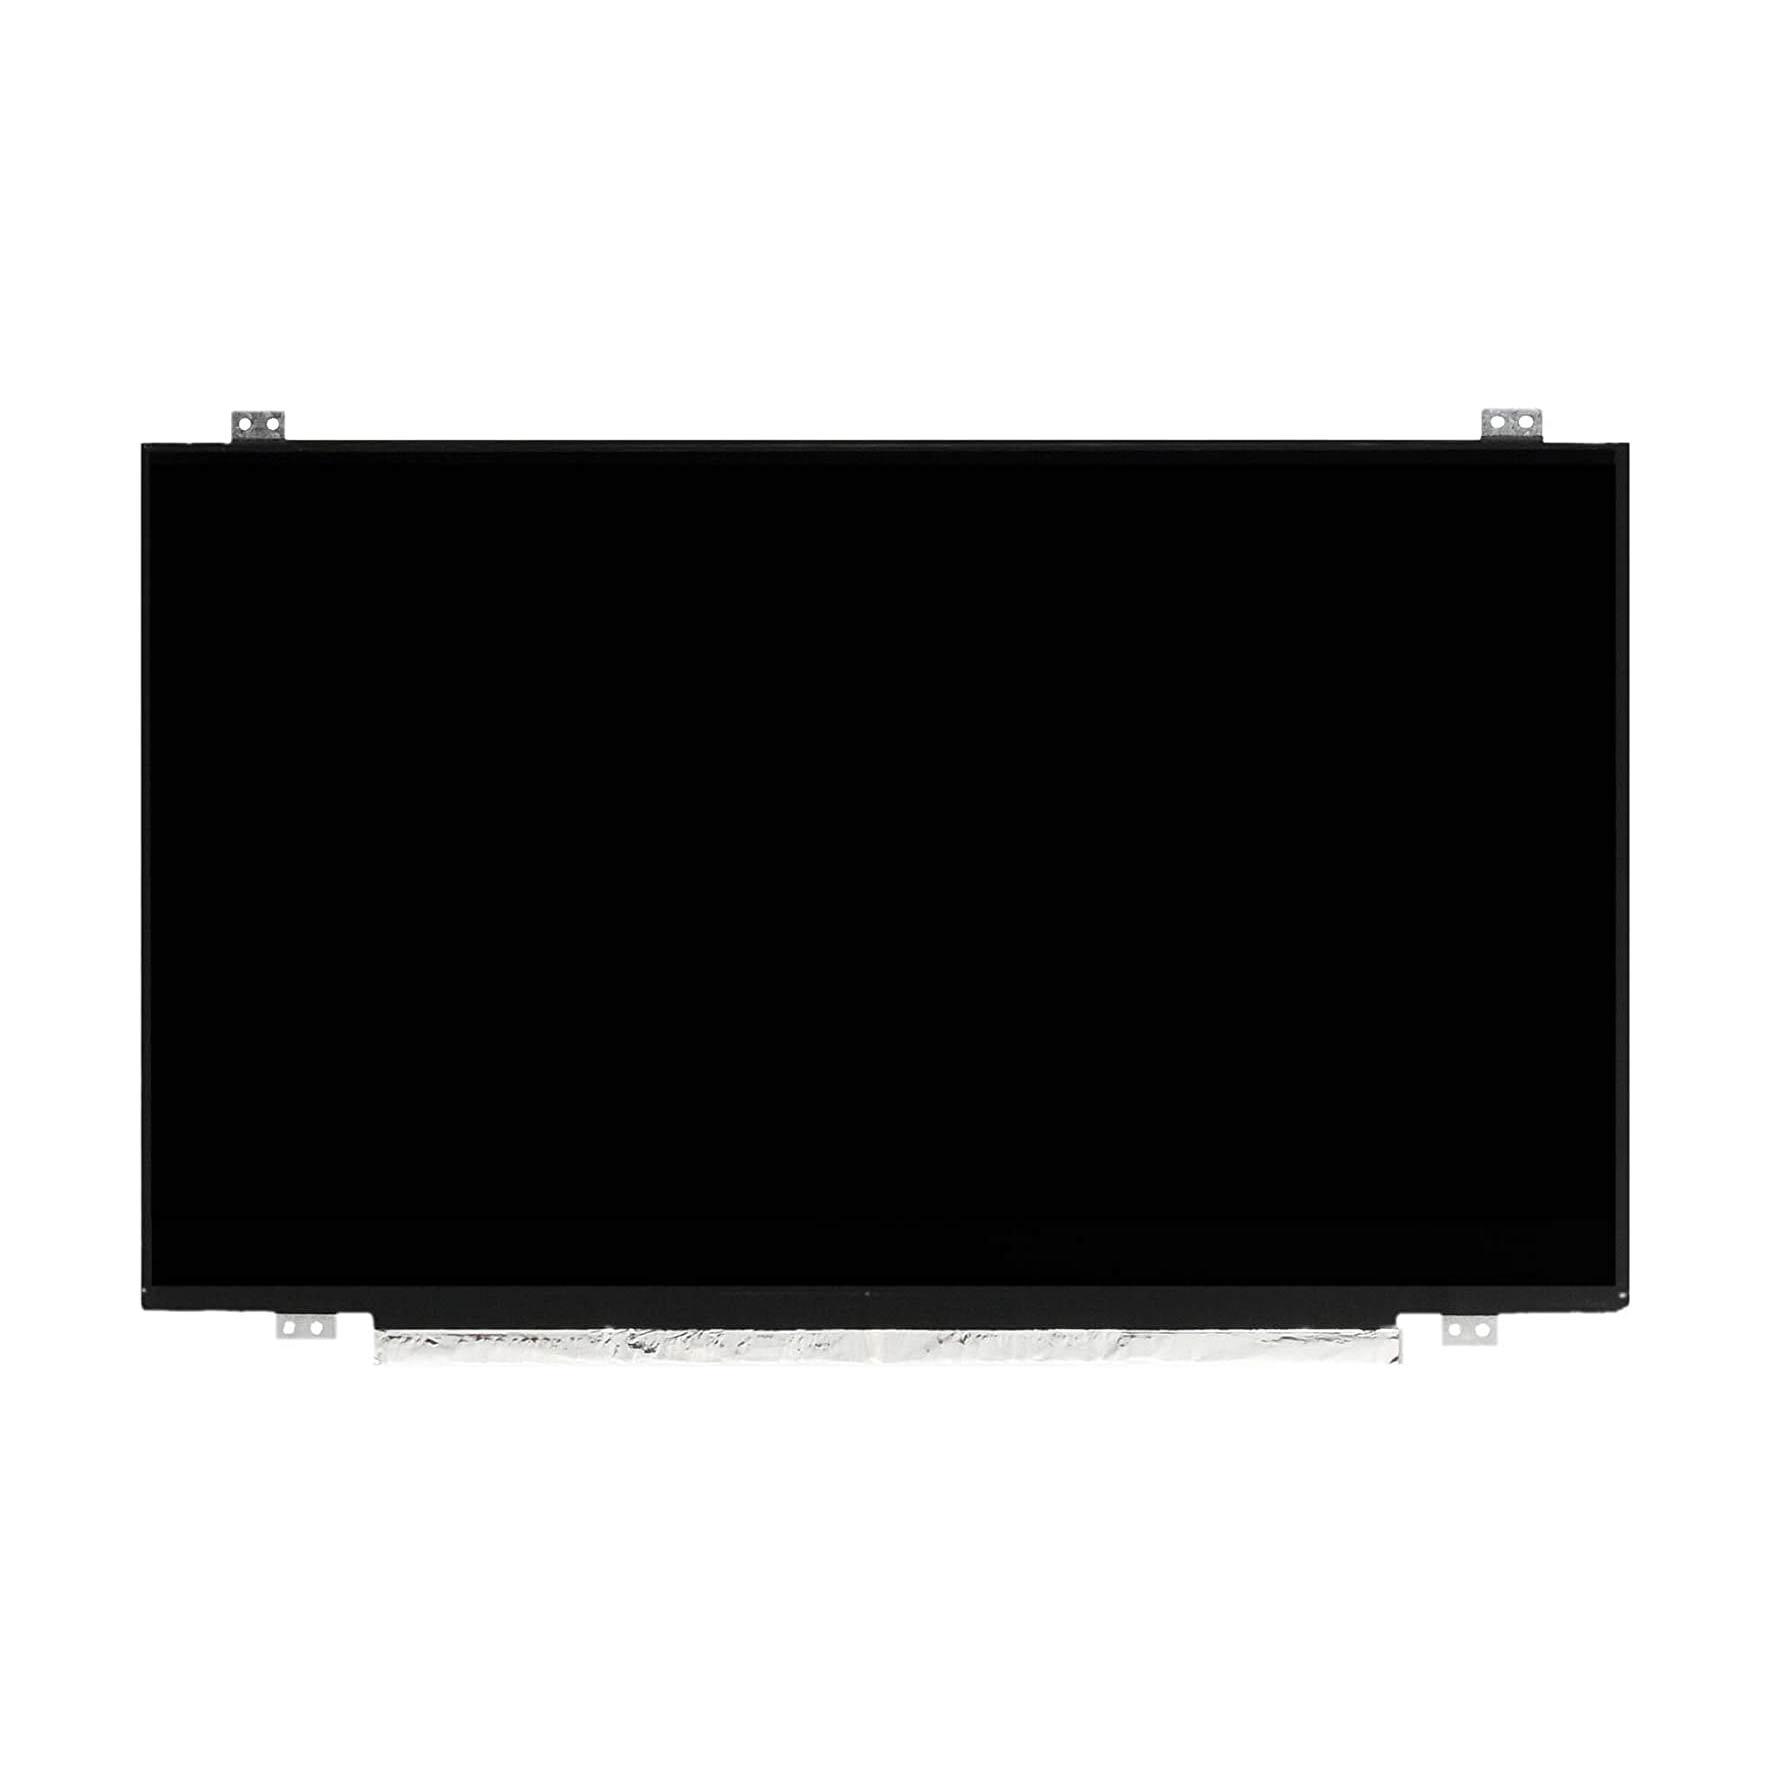 ال سی دی لپ تاپ لنوو ThinkPad T440 T440P (مات)